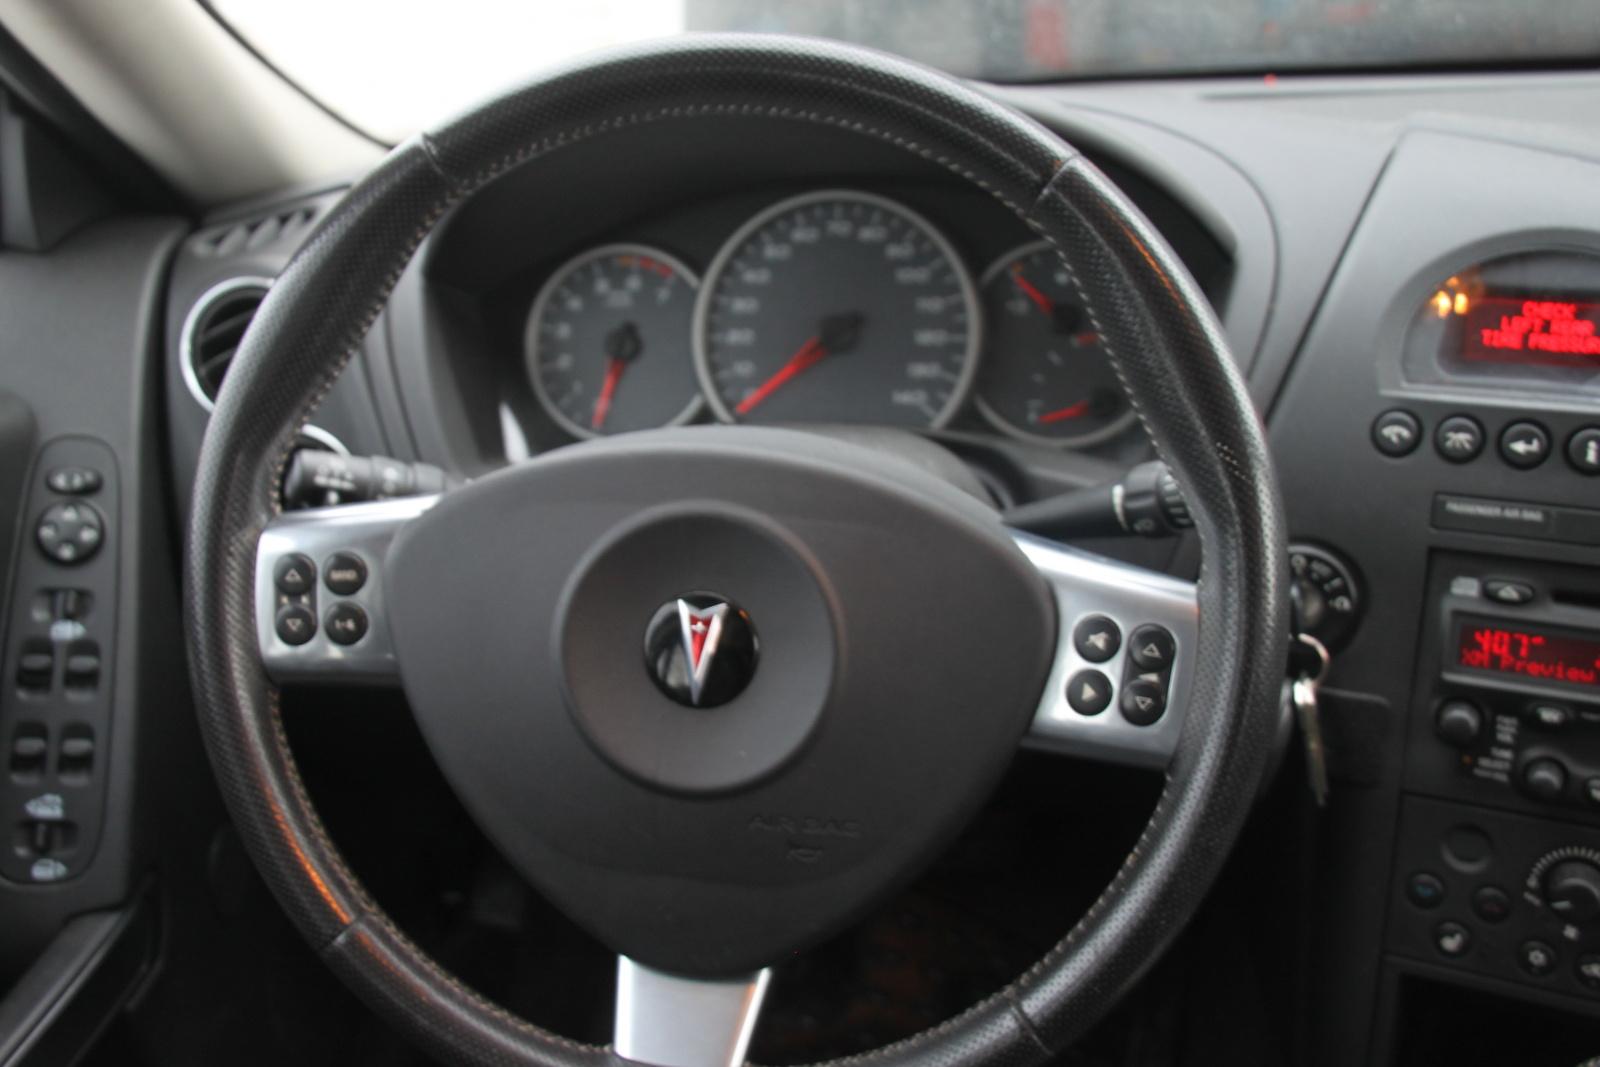 2007 Pontiac Grand Prix Interior Pictures Cargurus